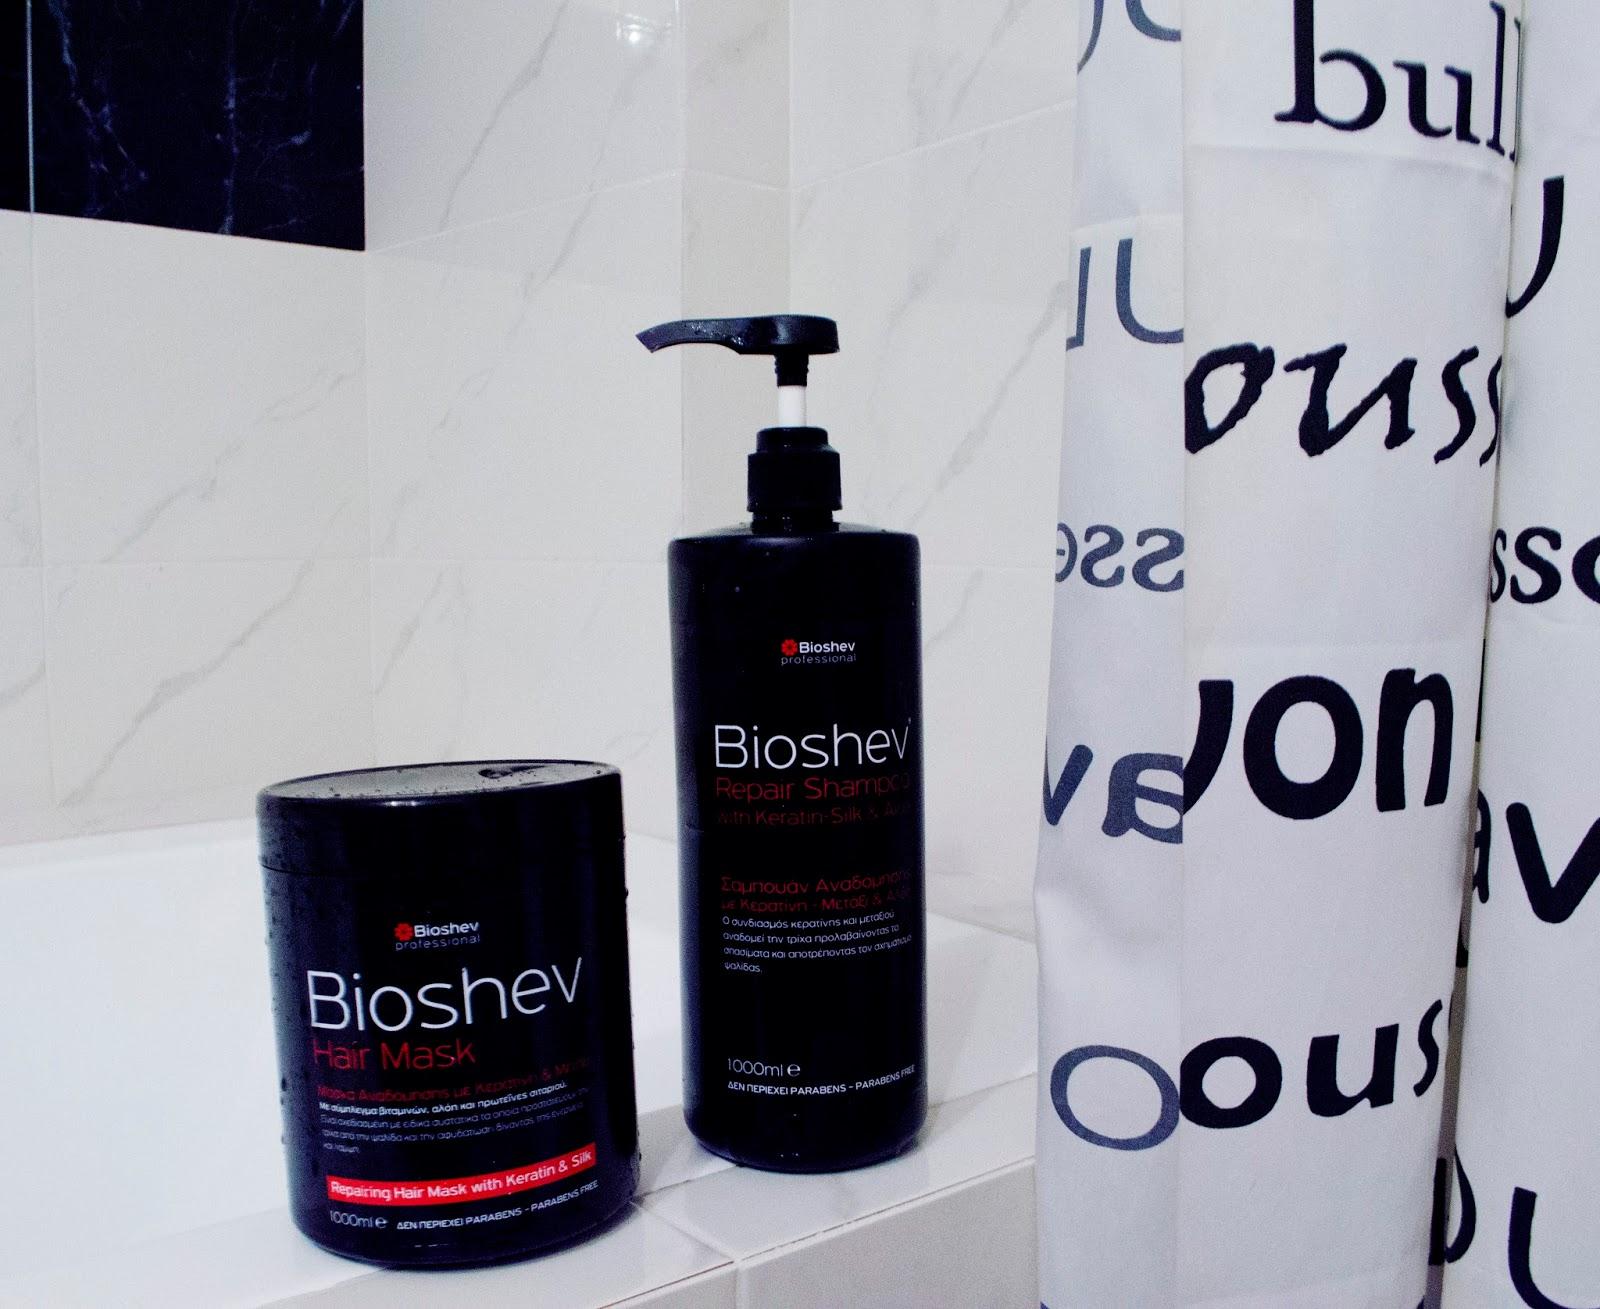 BIOSHEV + BO BOUTIQUE (WISHLIST) - M M Fashion Bites e038ed1255c